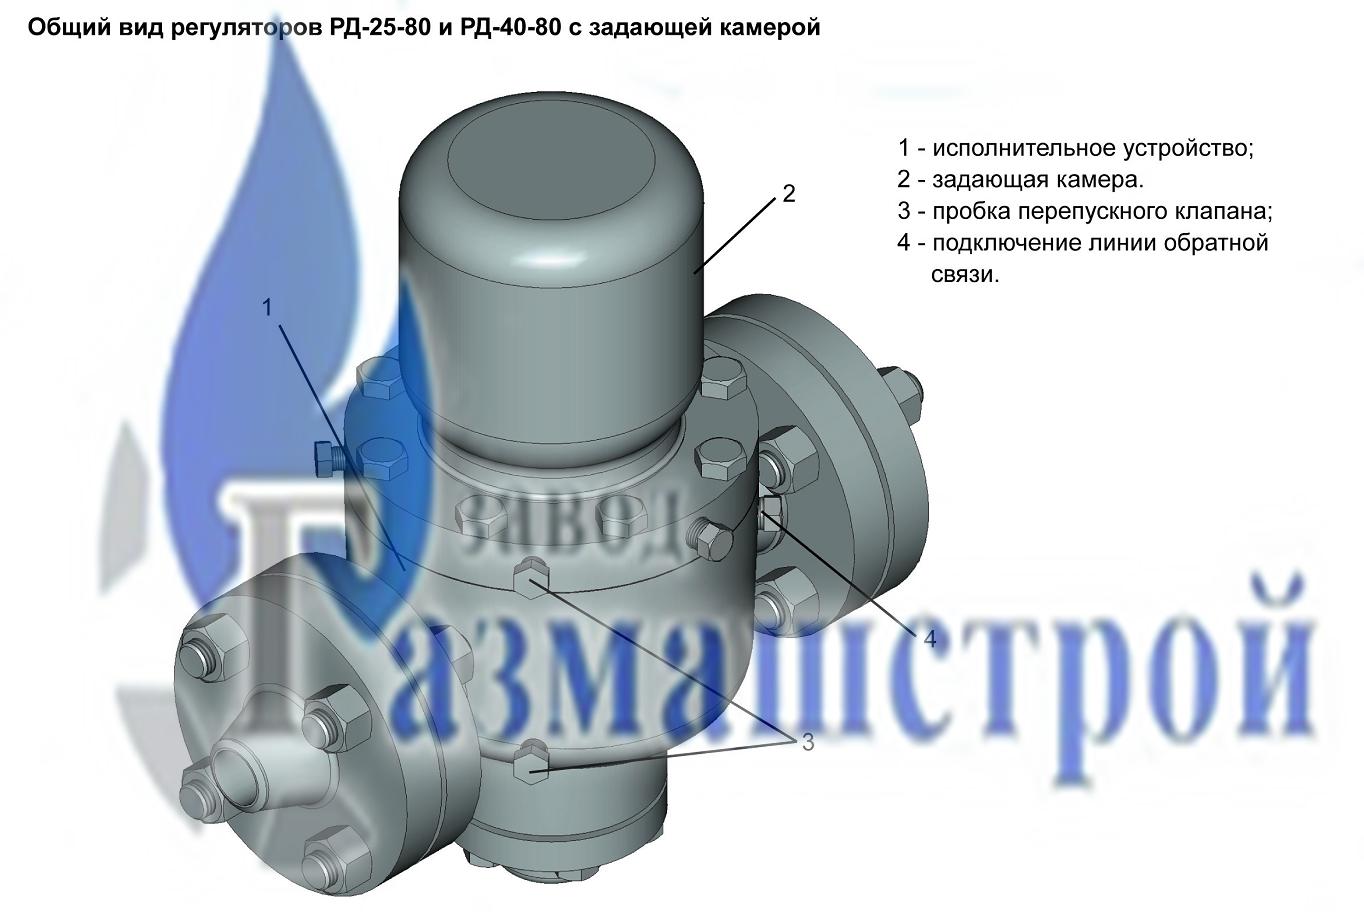 Регулятор давления газа РД-40-80